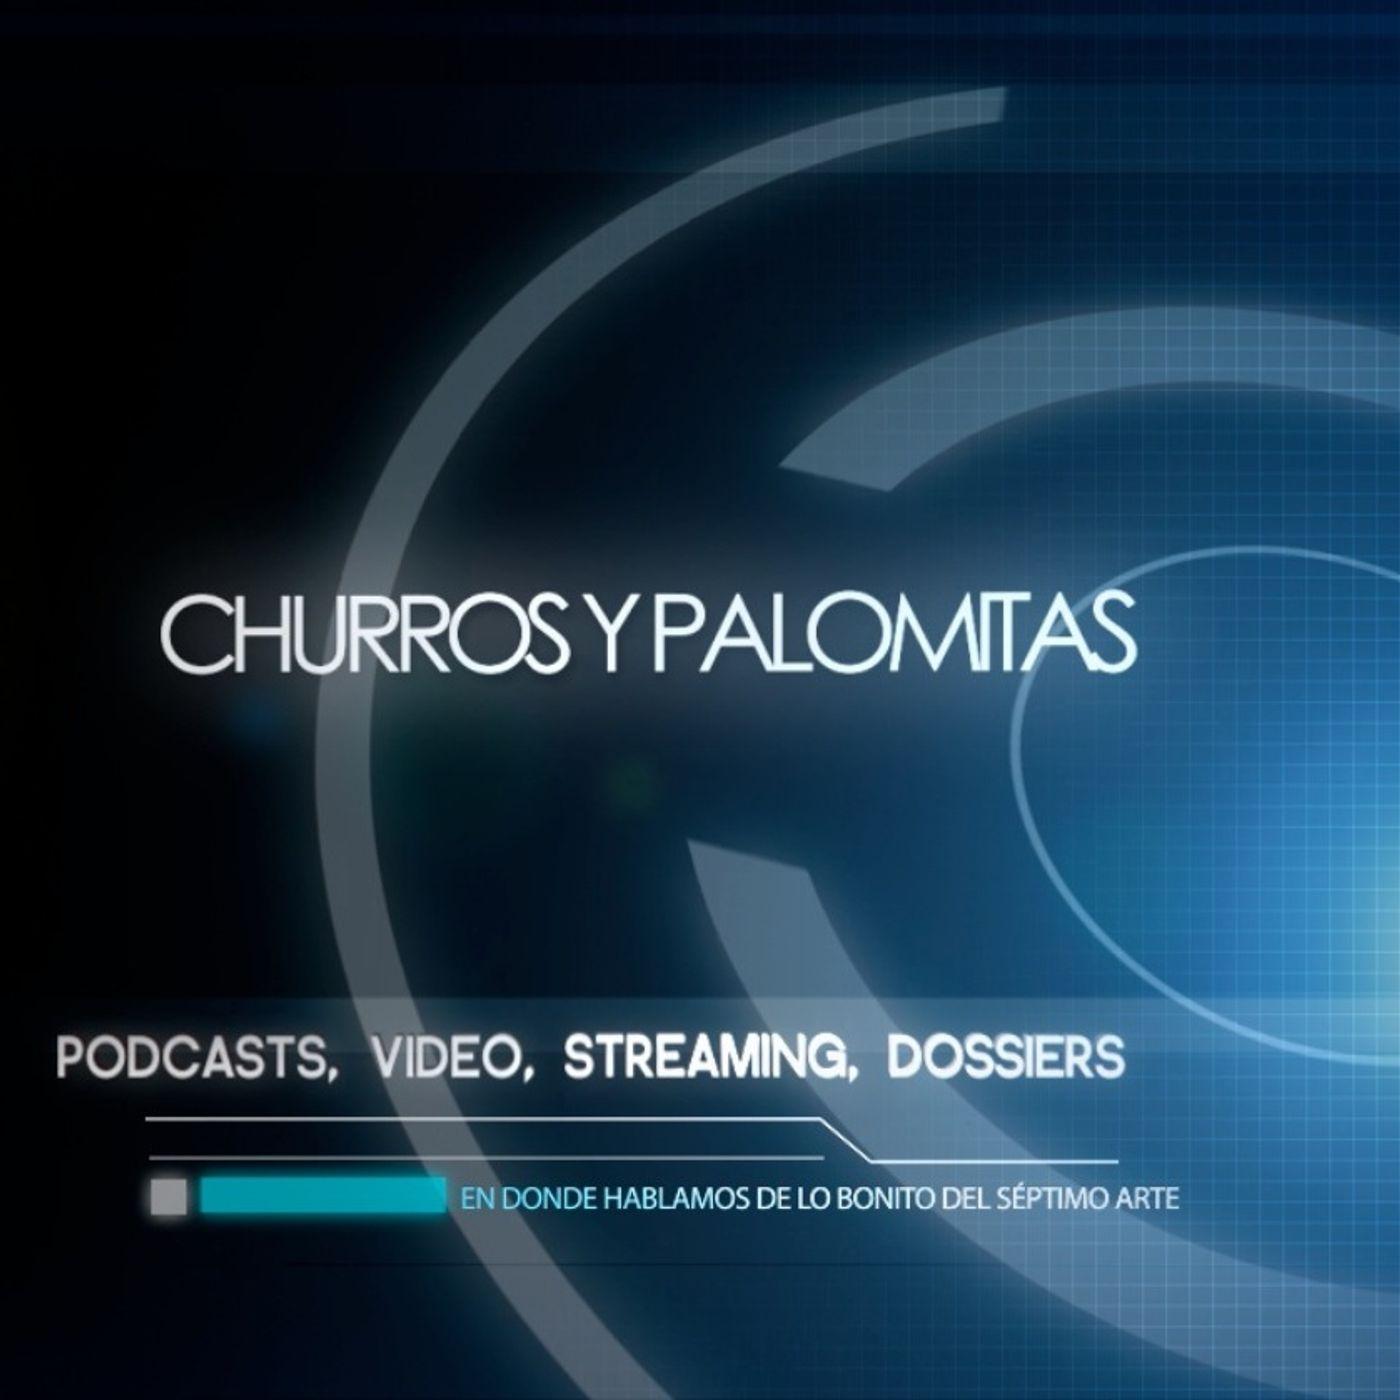 Palomazos S1E130 - Reactivando la Taquilla